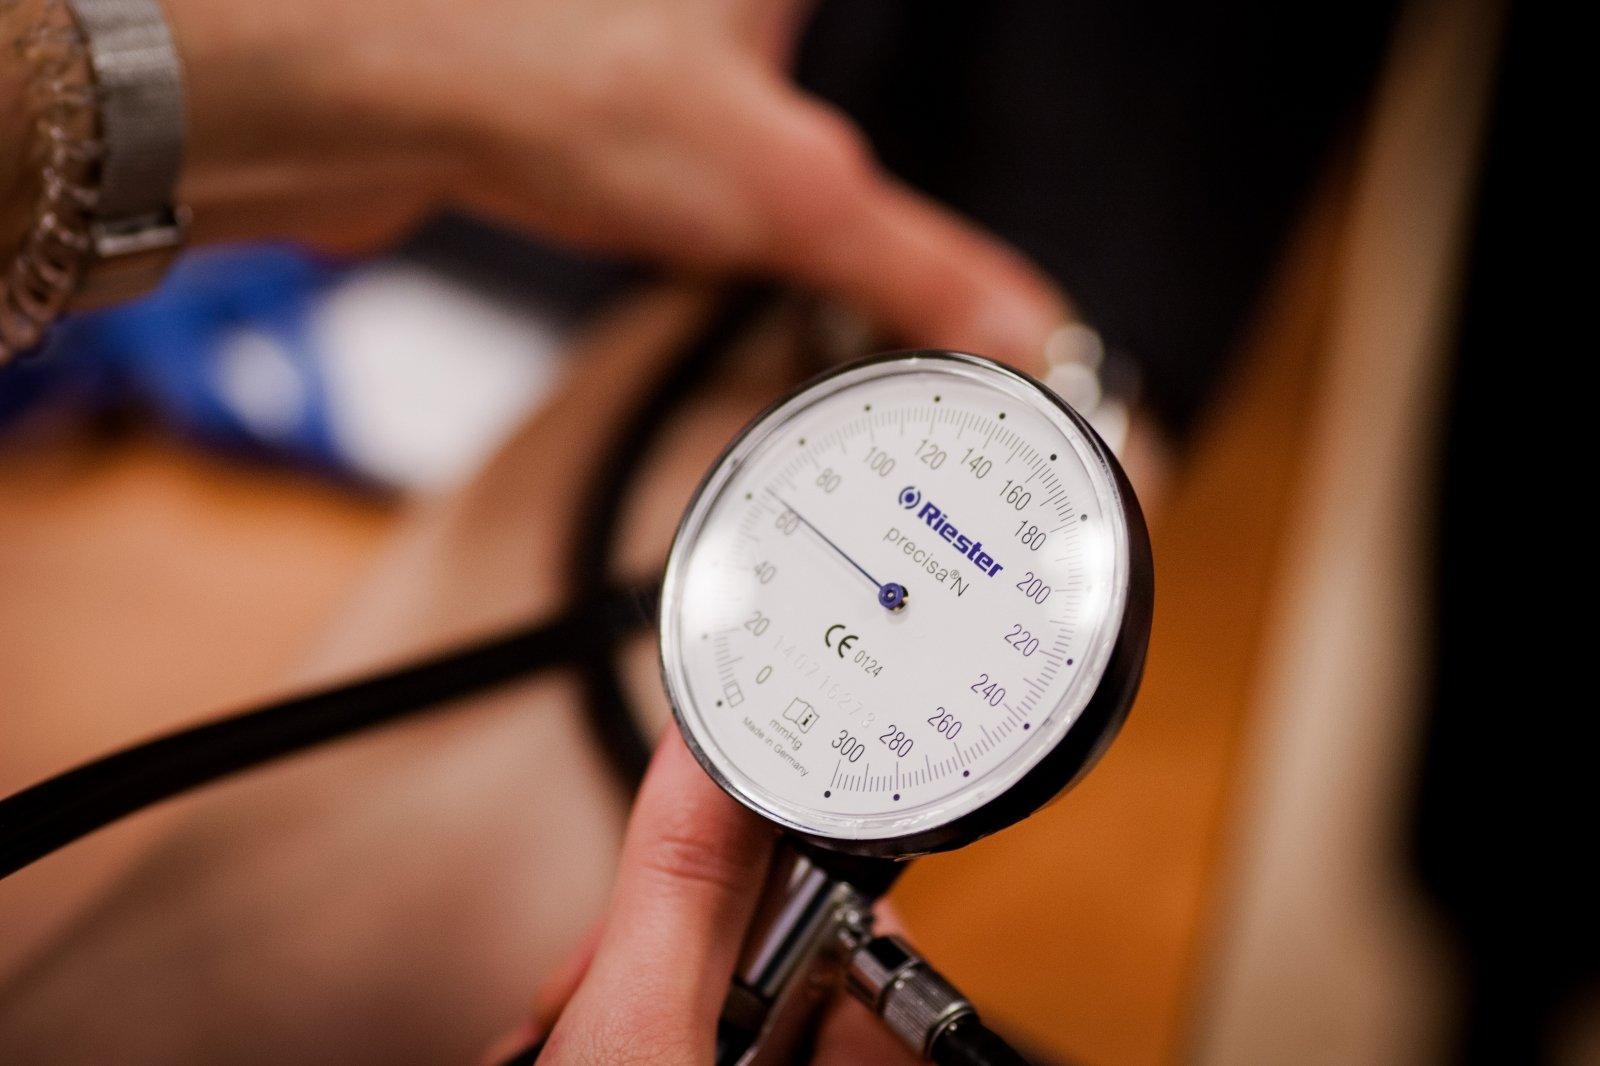 kaip kardiologas apibrėžia hipertenziją ar kardiologas gali diagnozuoti hipertenziją